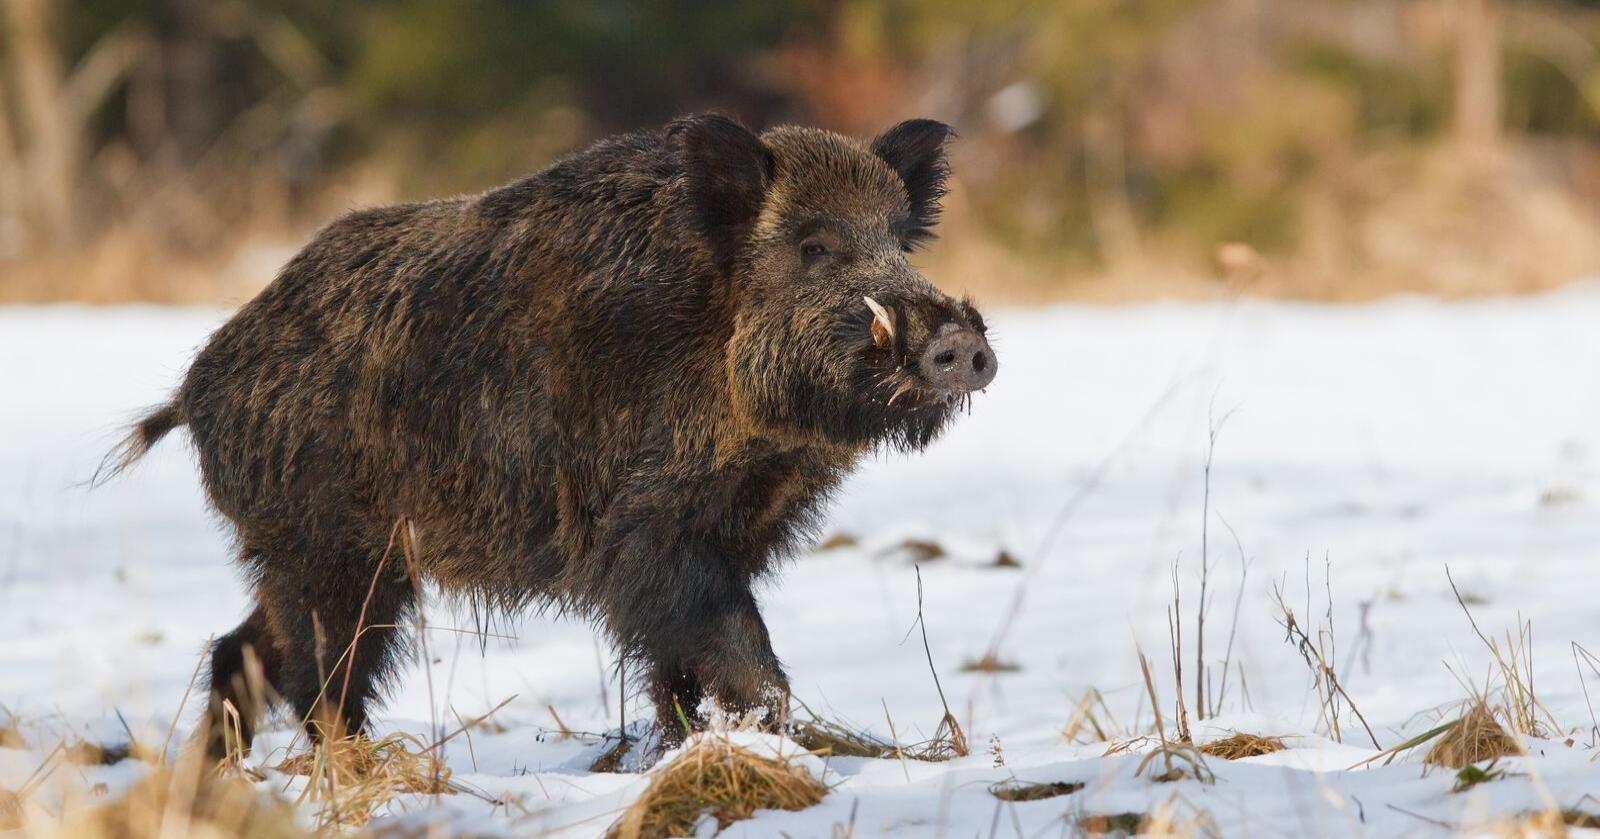 Antallet utbrudd av afrikansk svinepest i villsvin har i år eskalert kraftig i flere øst-europeiske land. Den svært smittsomme virussykdommen hos gris, har også rykket stadig nærmere Norge. Foto: Shutterstock